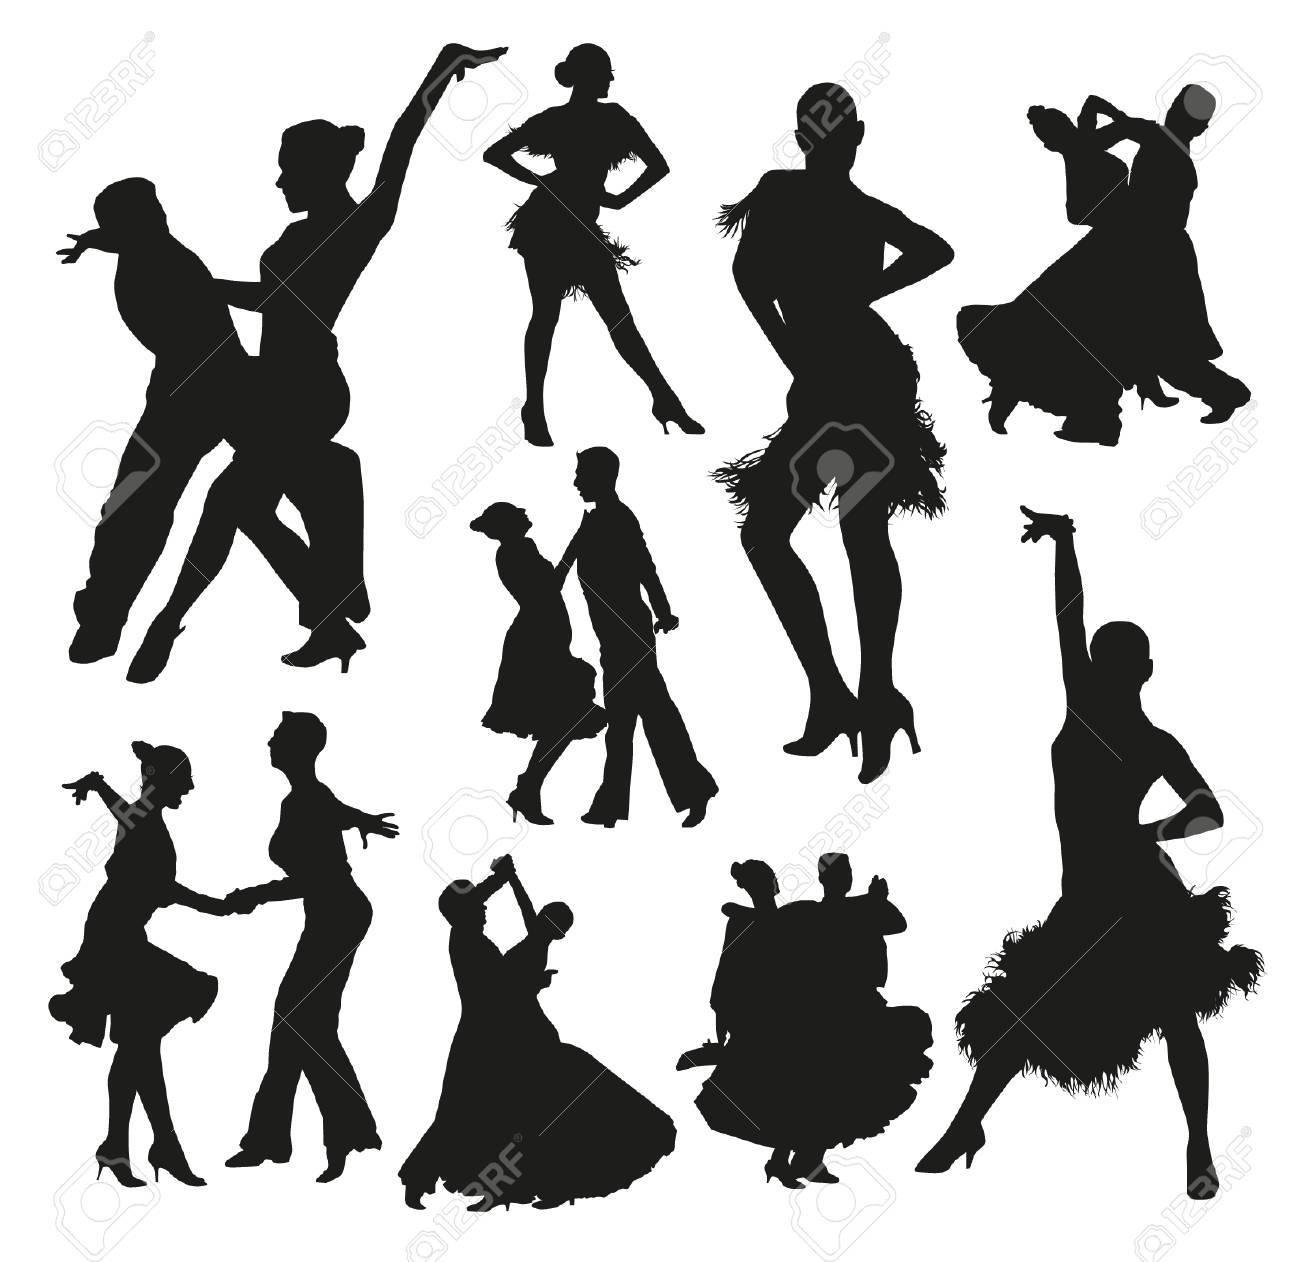 社交ダンス シルエットのイラスト素材ベクタ Image 38143881